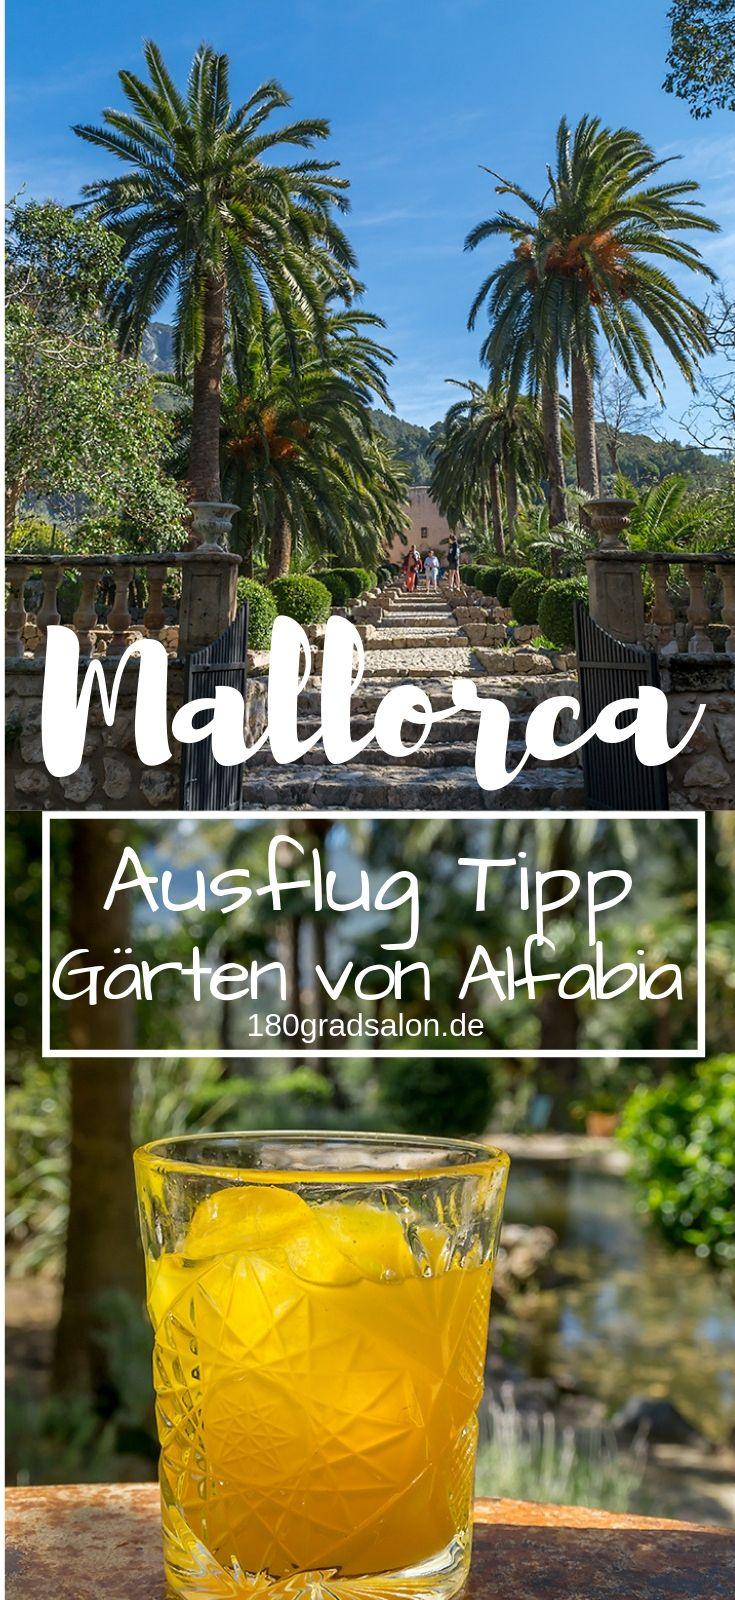 Gärten von Alfabia auf Mallorca - Ausflug Tipp bei Soller #favoriteplaces